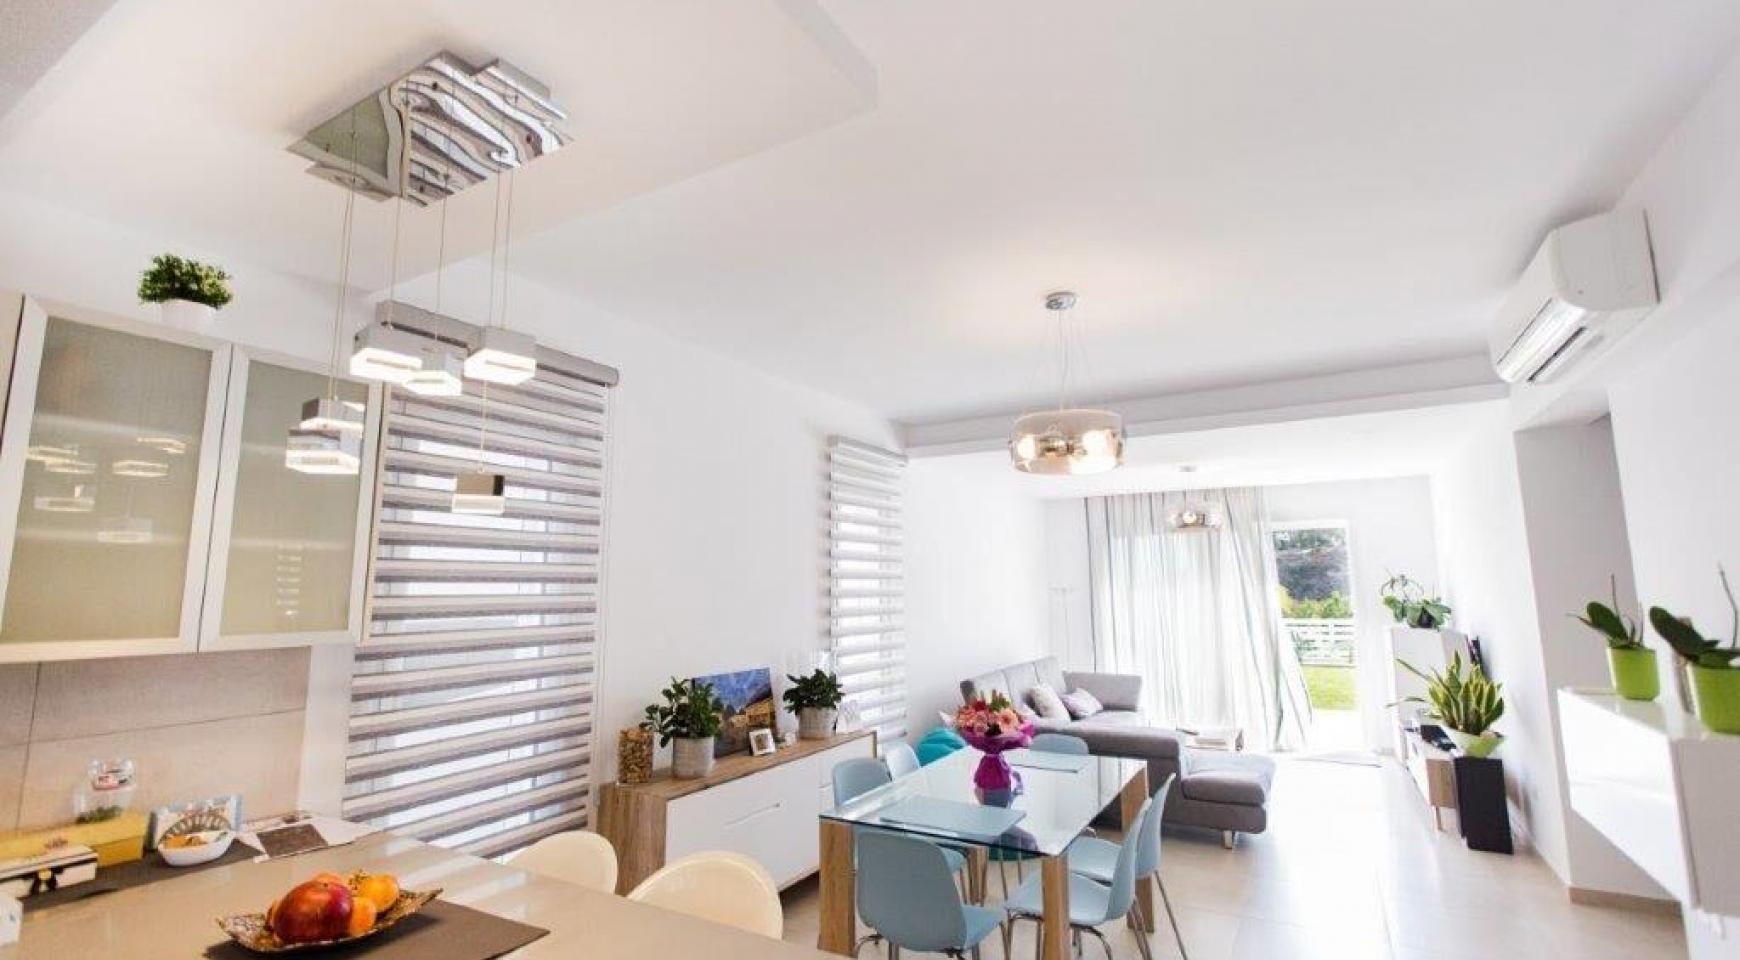 Αντίγραφο Αντίγραφο Αντίγραφο New 3 Bedroom Villa in Ipsonas Area - 4